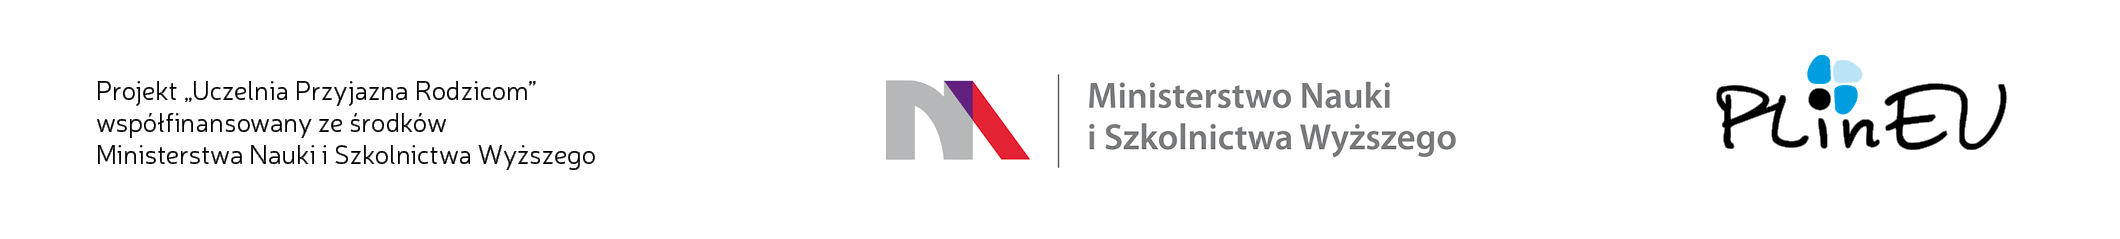 belka logo RGB Uczelnia Przyjazna Rodzicom poprawiona